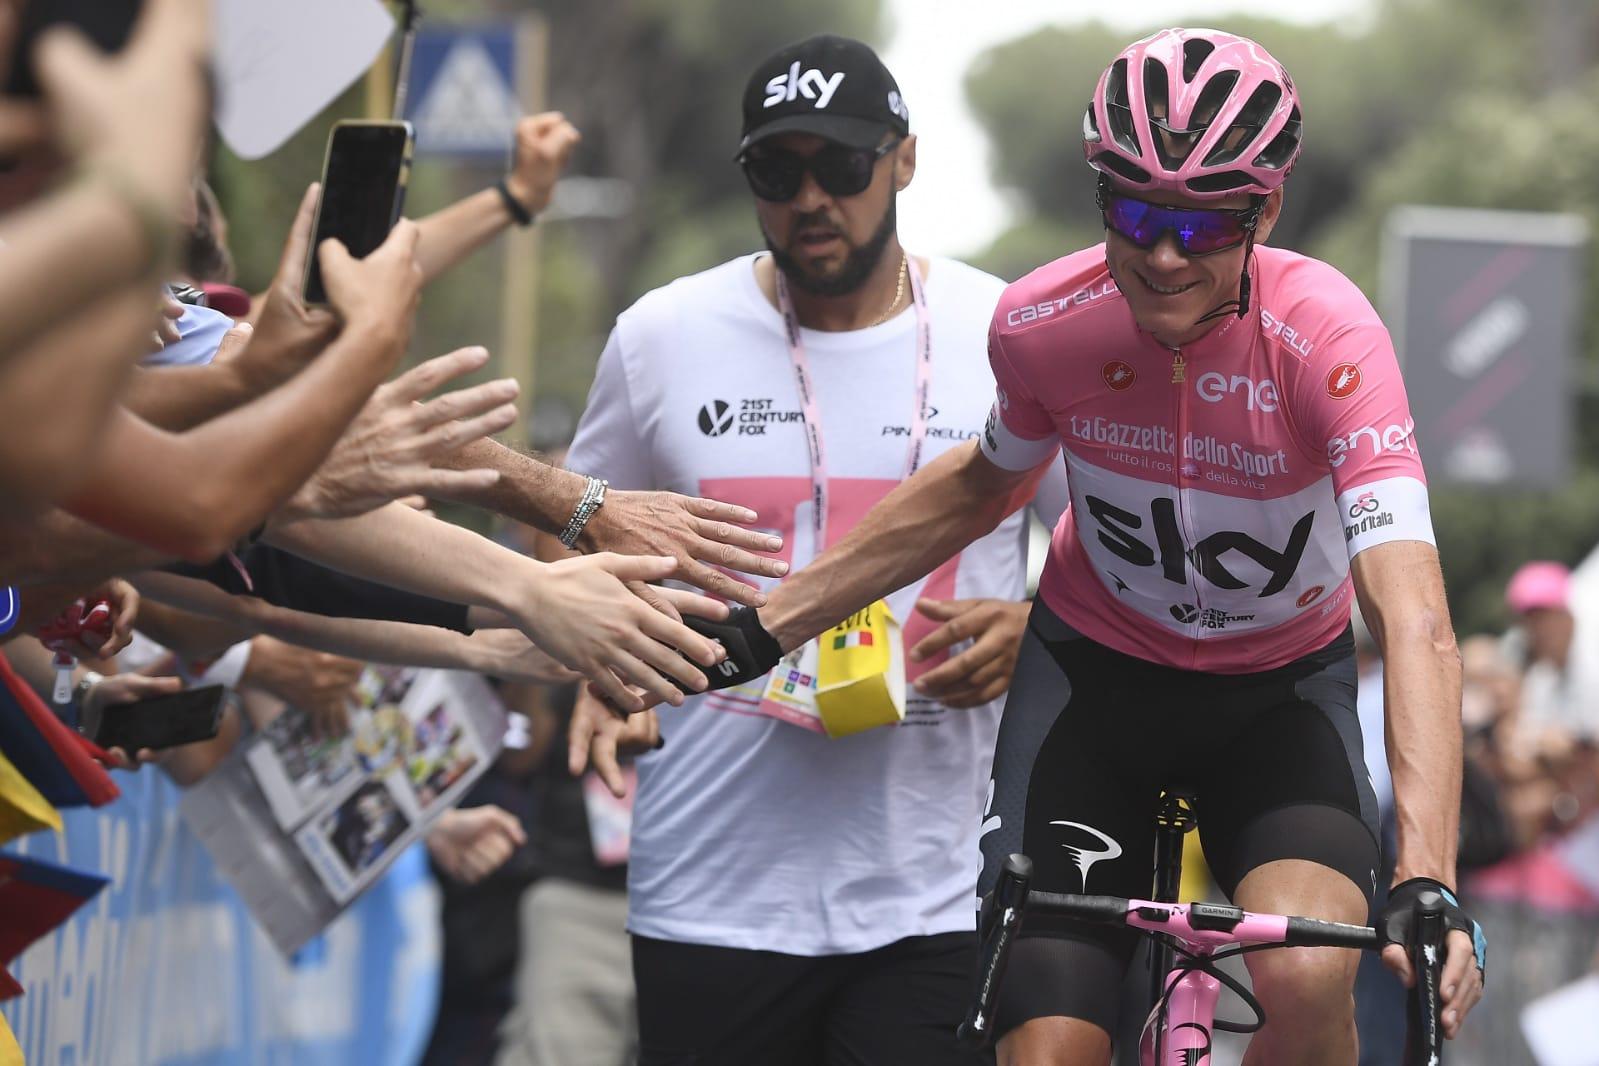 Ciclismo, Giro d'Italia in contemporanea con classiche e Vuelta